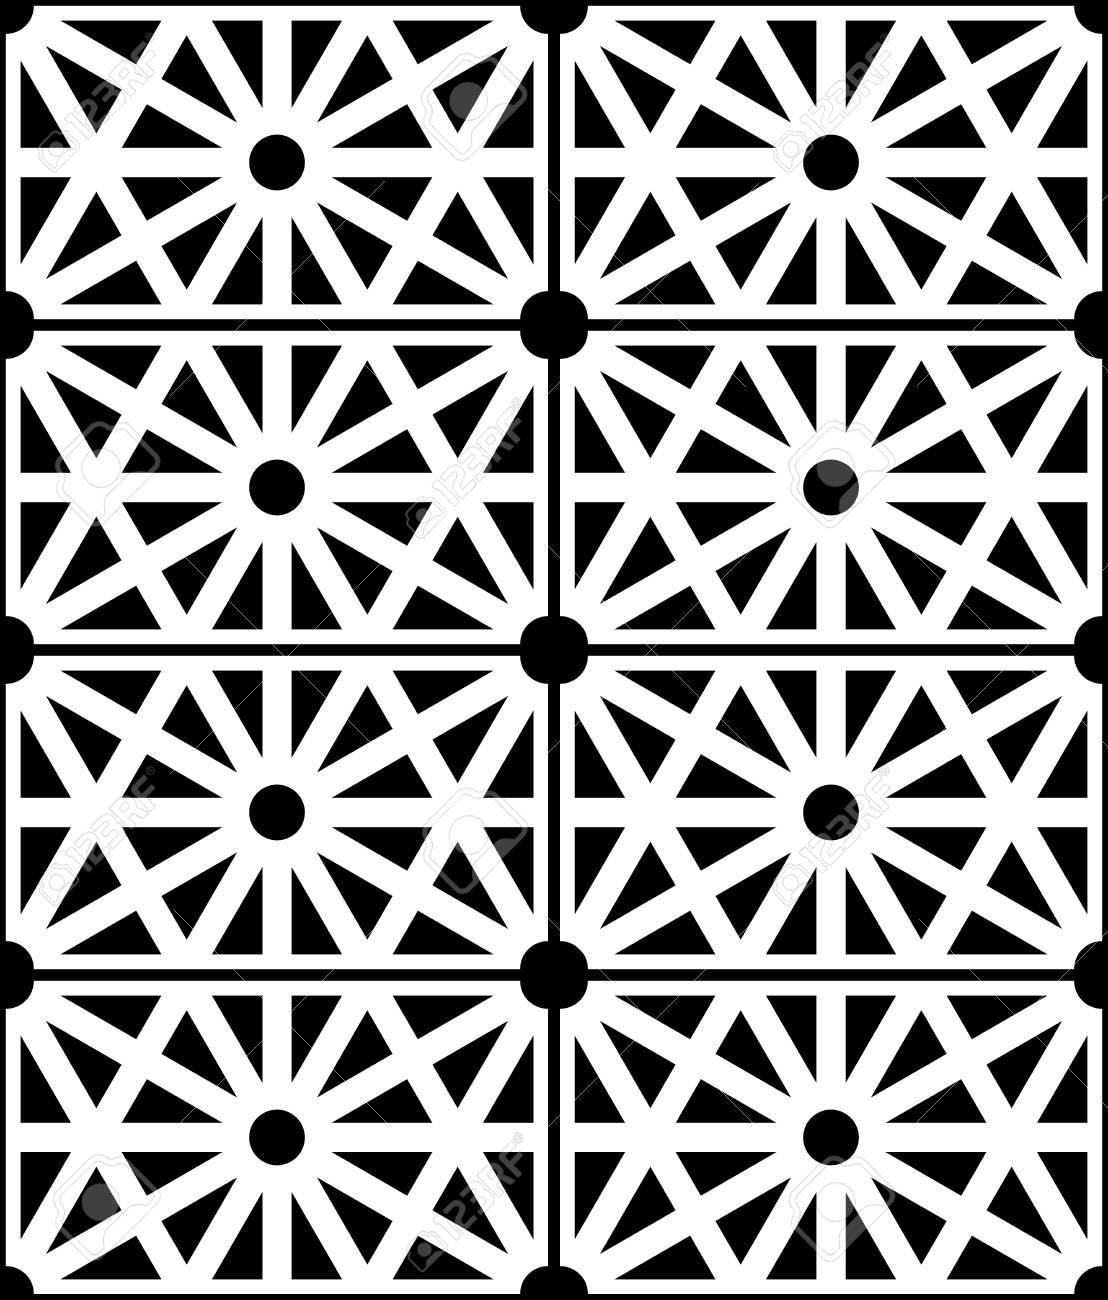 Vector Structure Moderne Seamless Pattern Geometrie Sacree Noir Et Blanc Abstrait Geometrique Impression A La Mode Monochrome Retro Texture Design